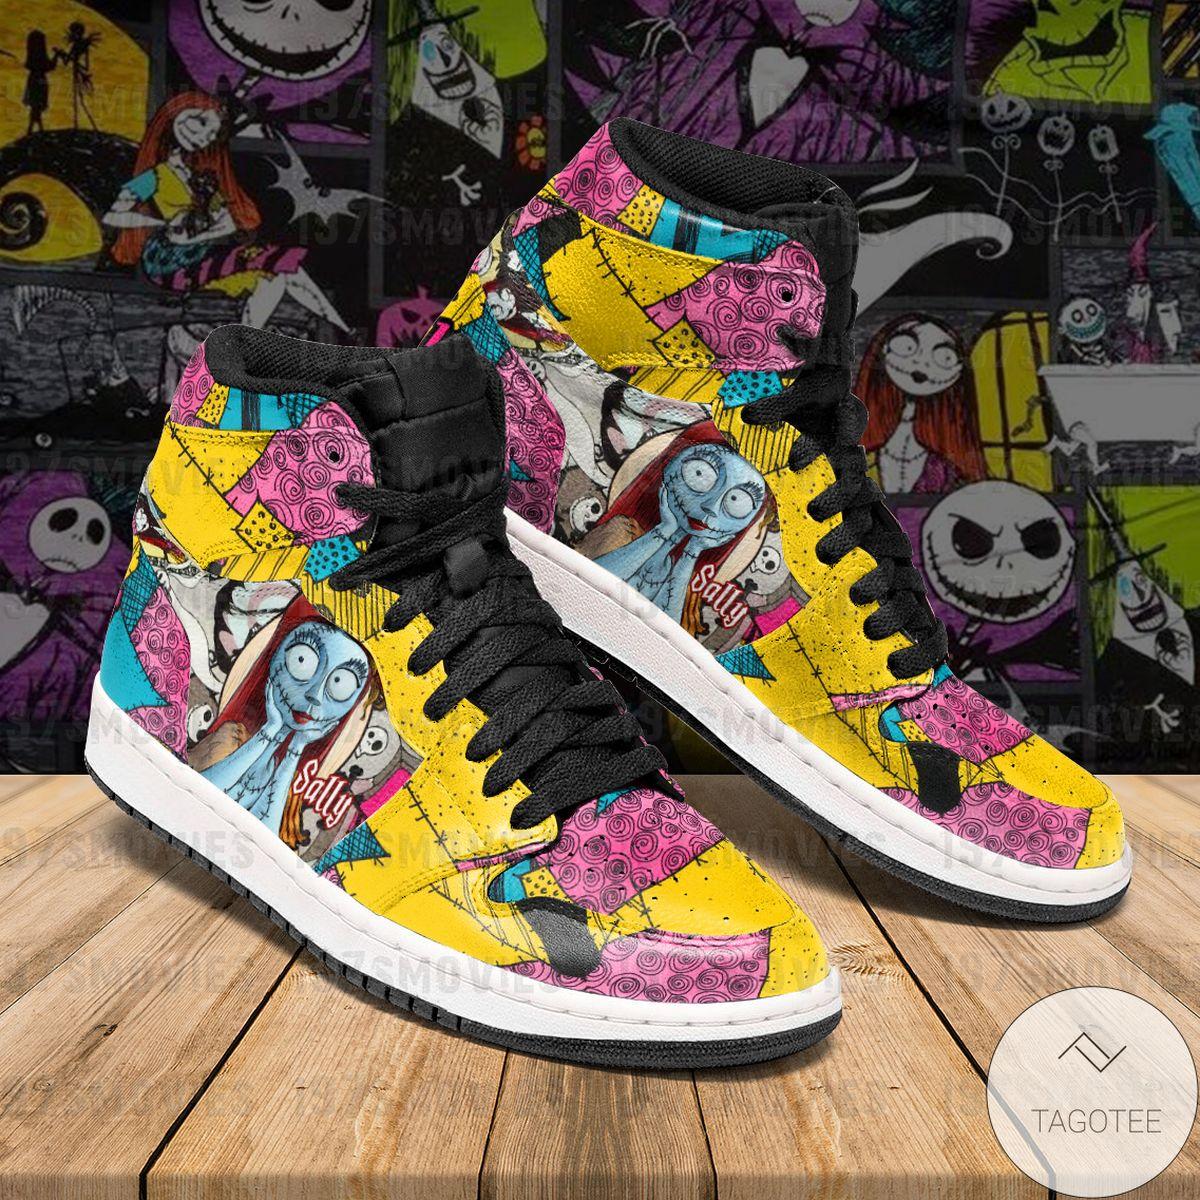 Handmade Sally Jack Skellington The Nightmare Before Christmas JD Sneaker Air Jordan High Top Shoes